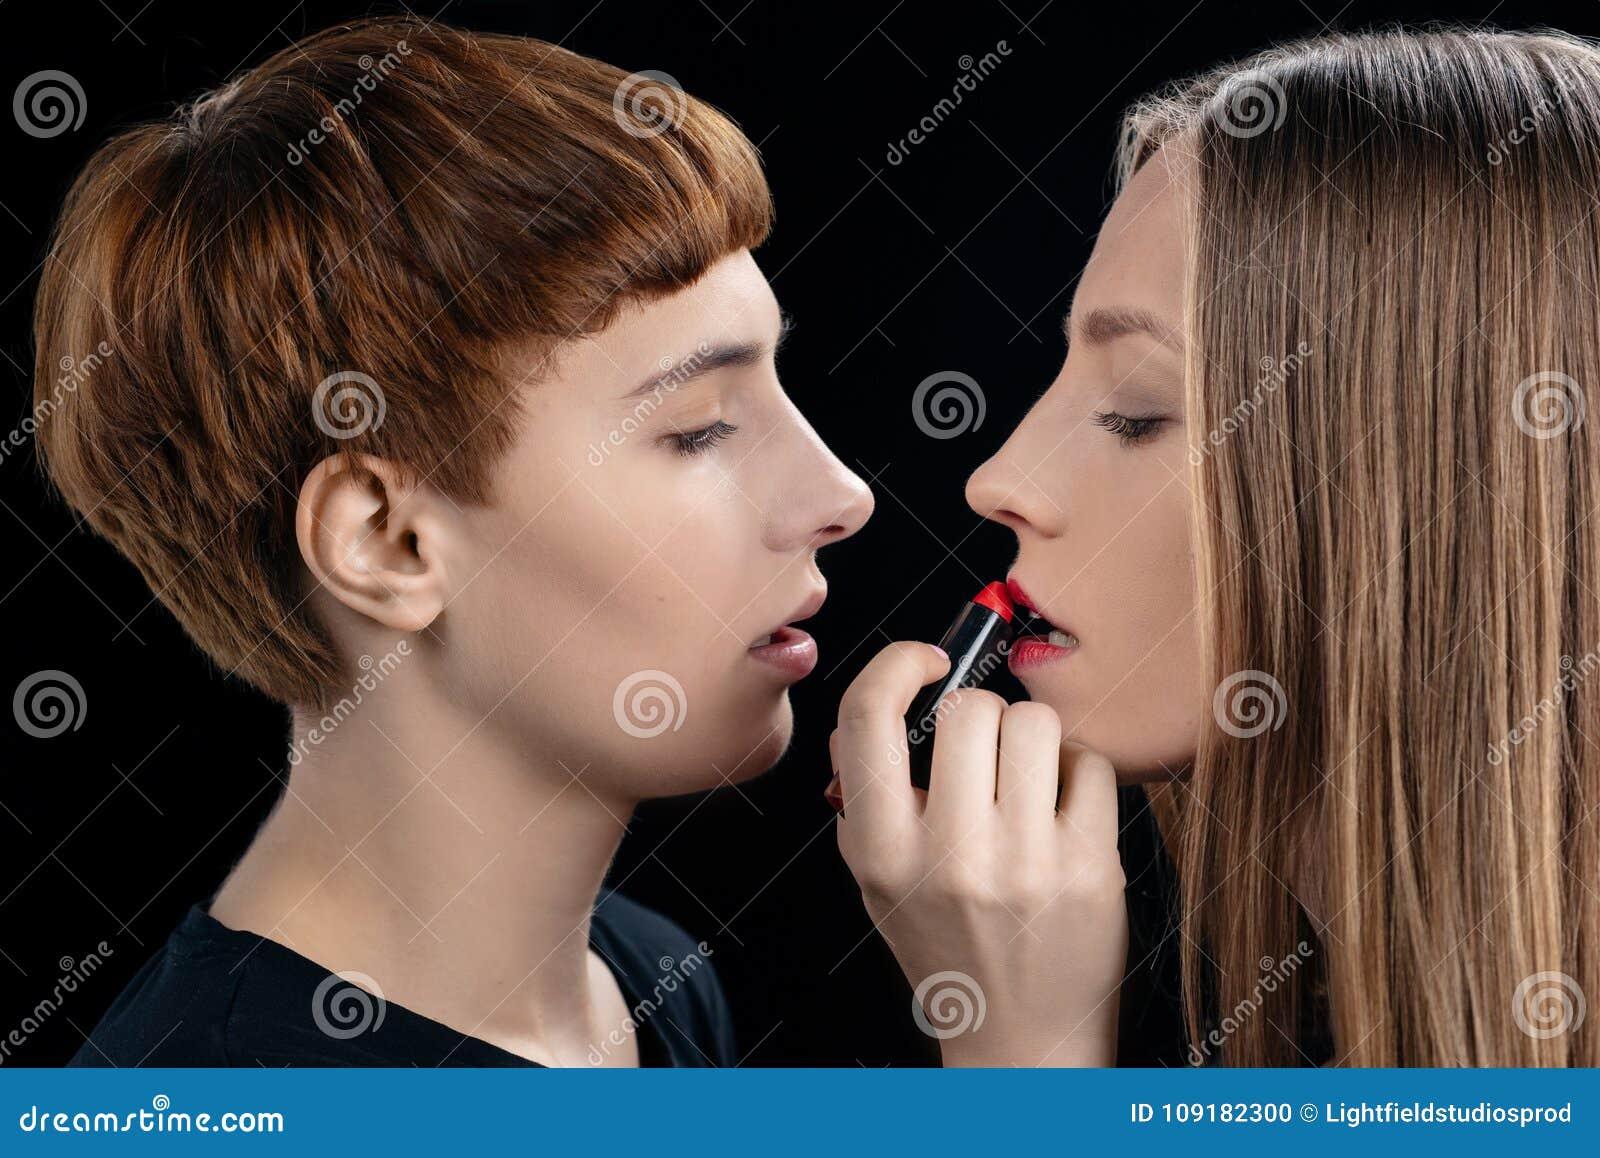 zrelie-lesbi-krupniy-plan-popi